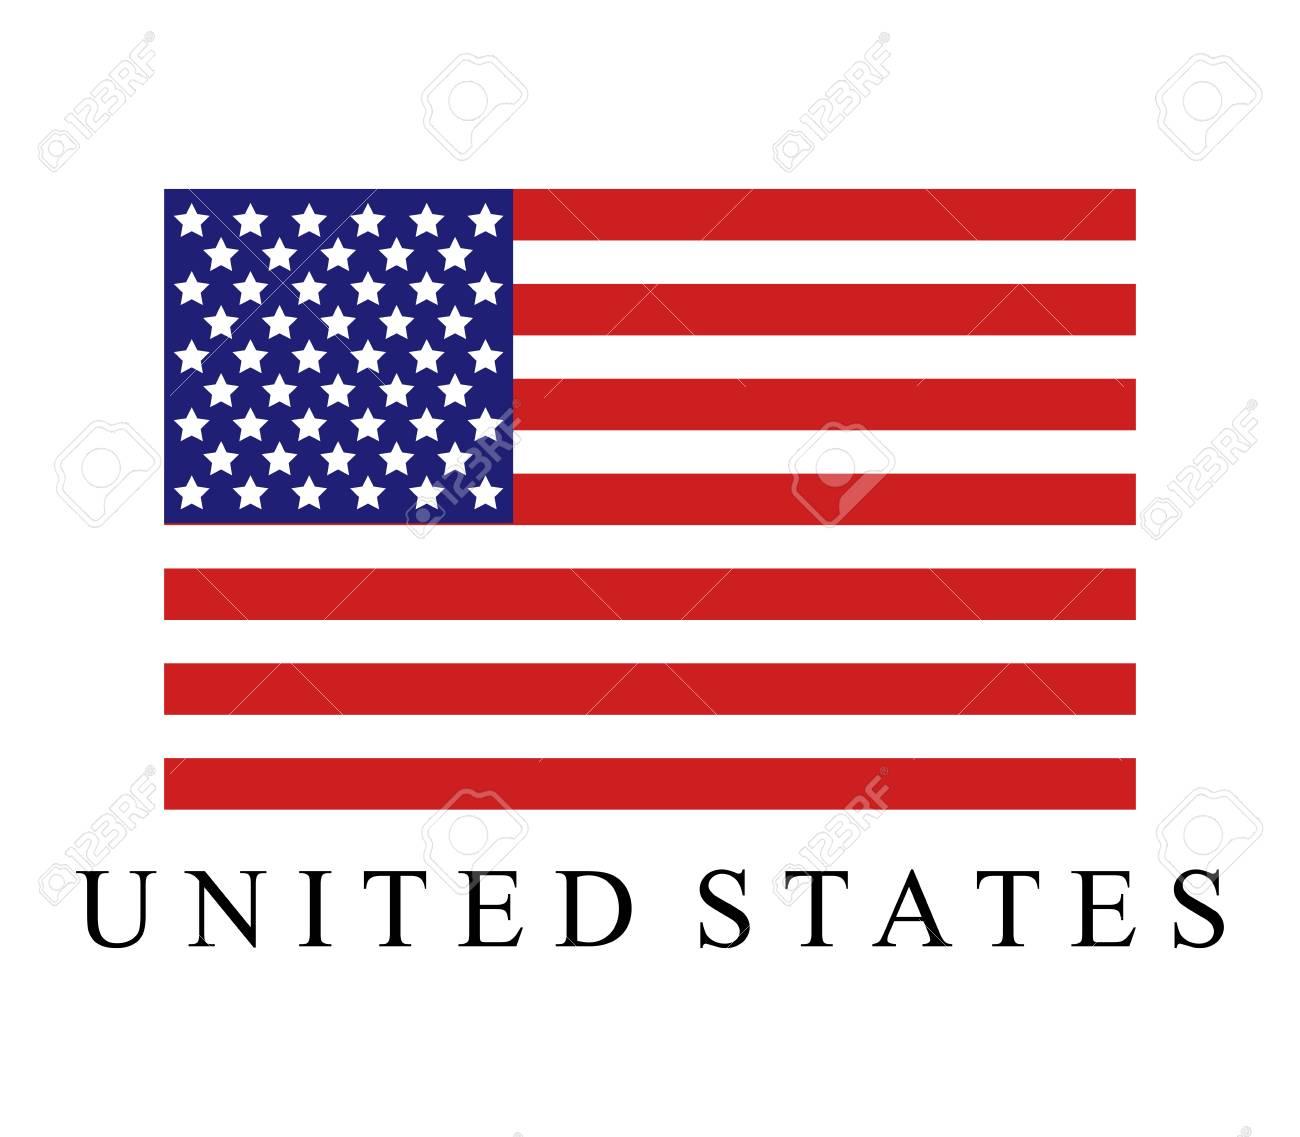 United States flag icon. - 98363617